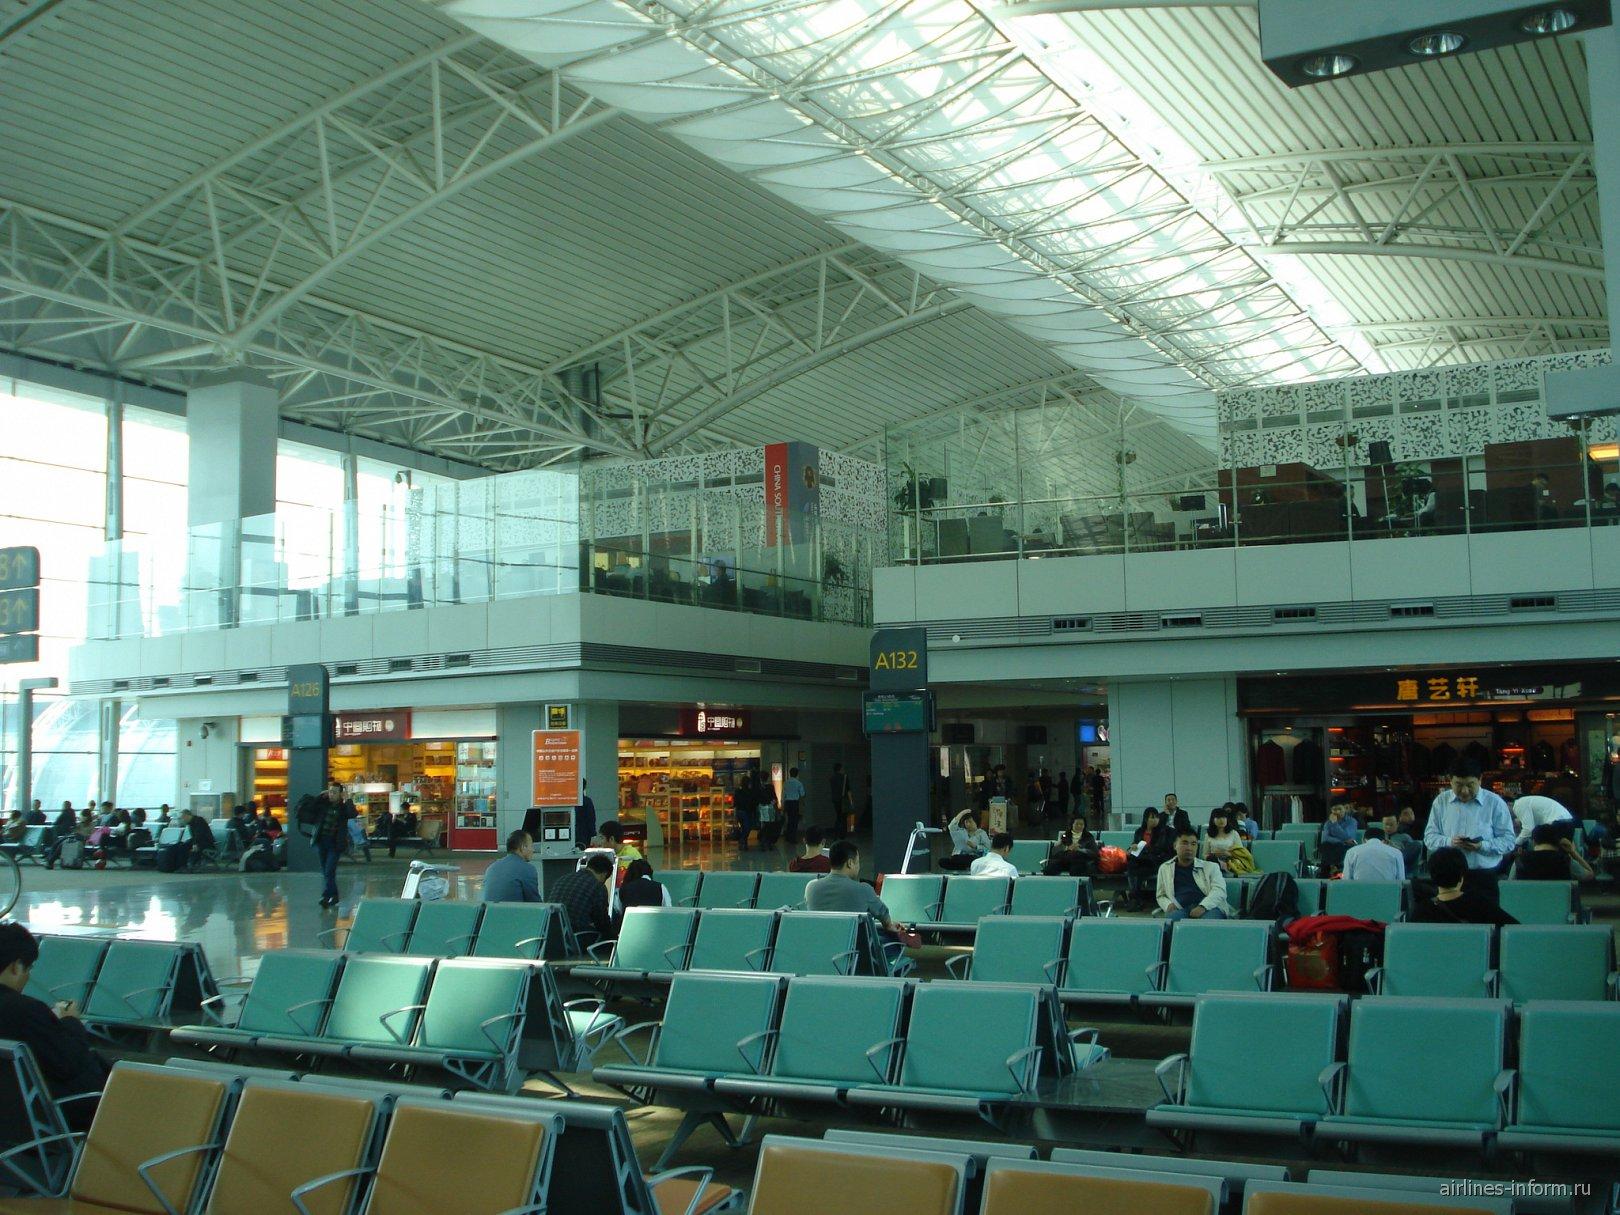 Зал ожидания внутренних вылетов аэропорта Байюнь в Гуанчжоу